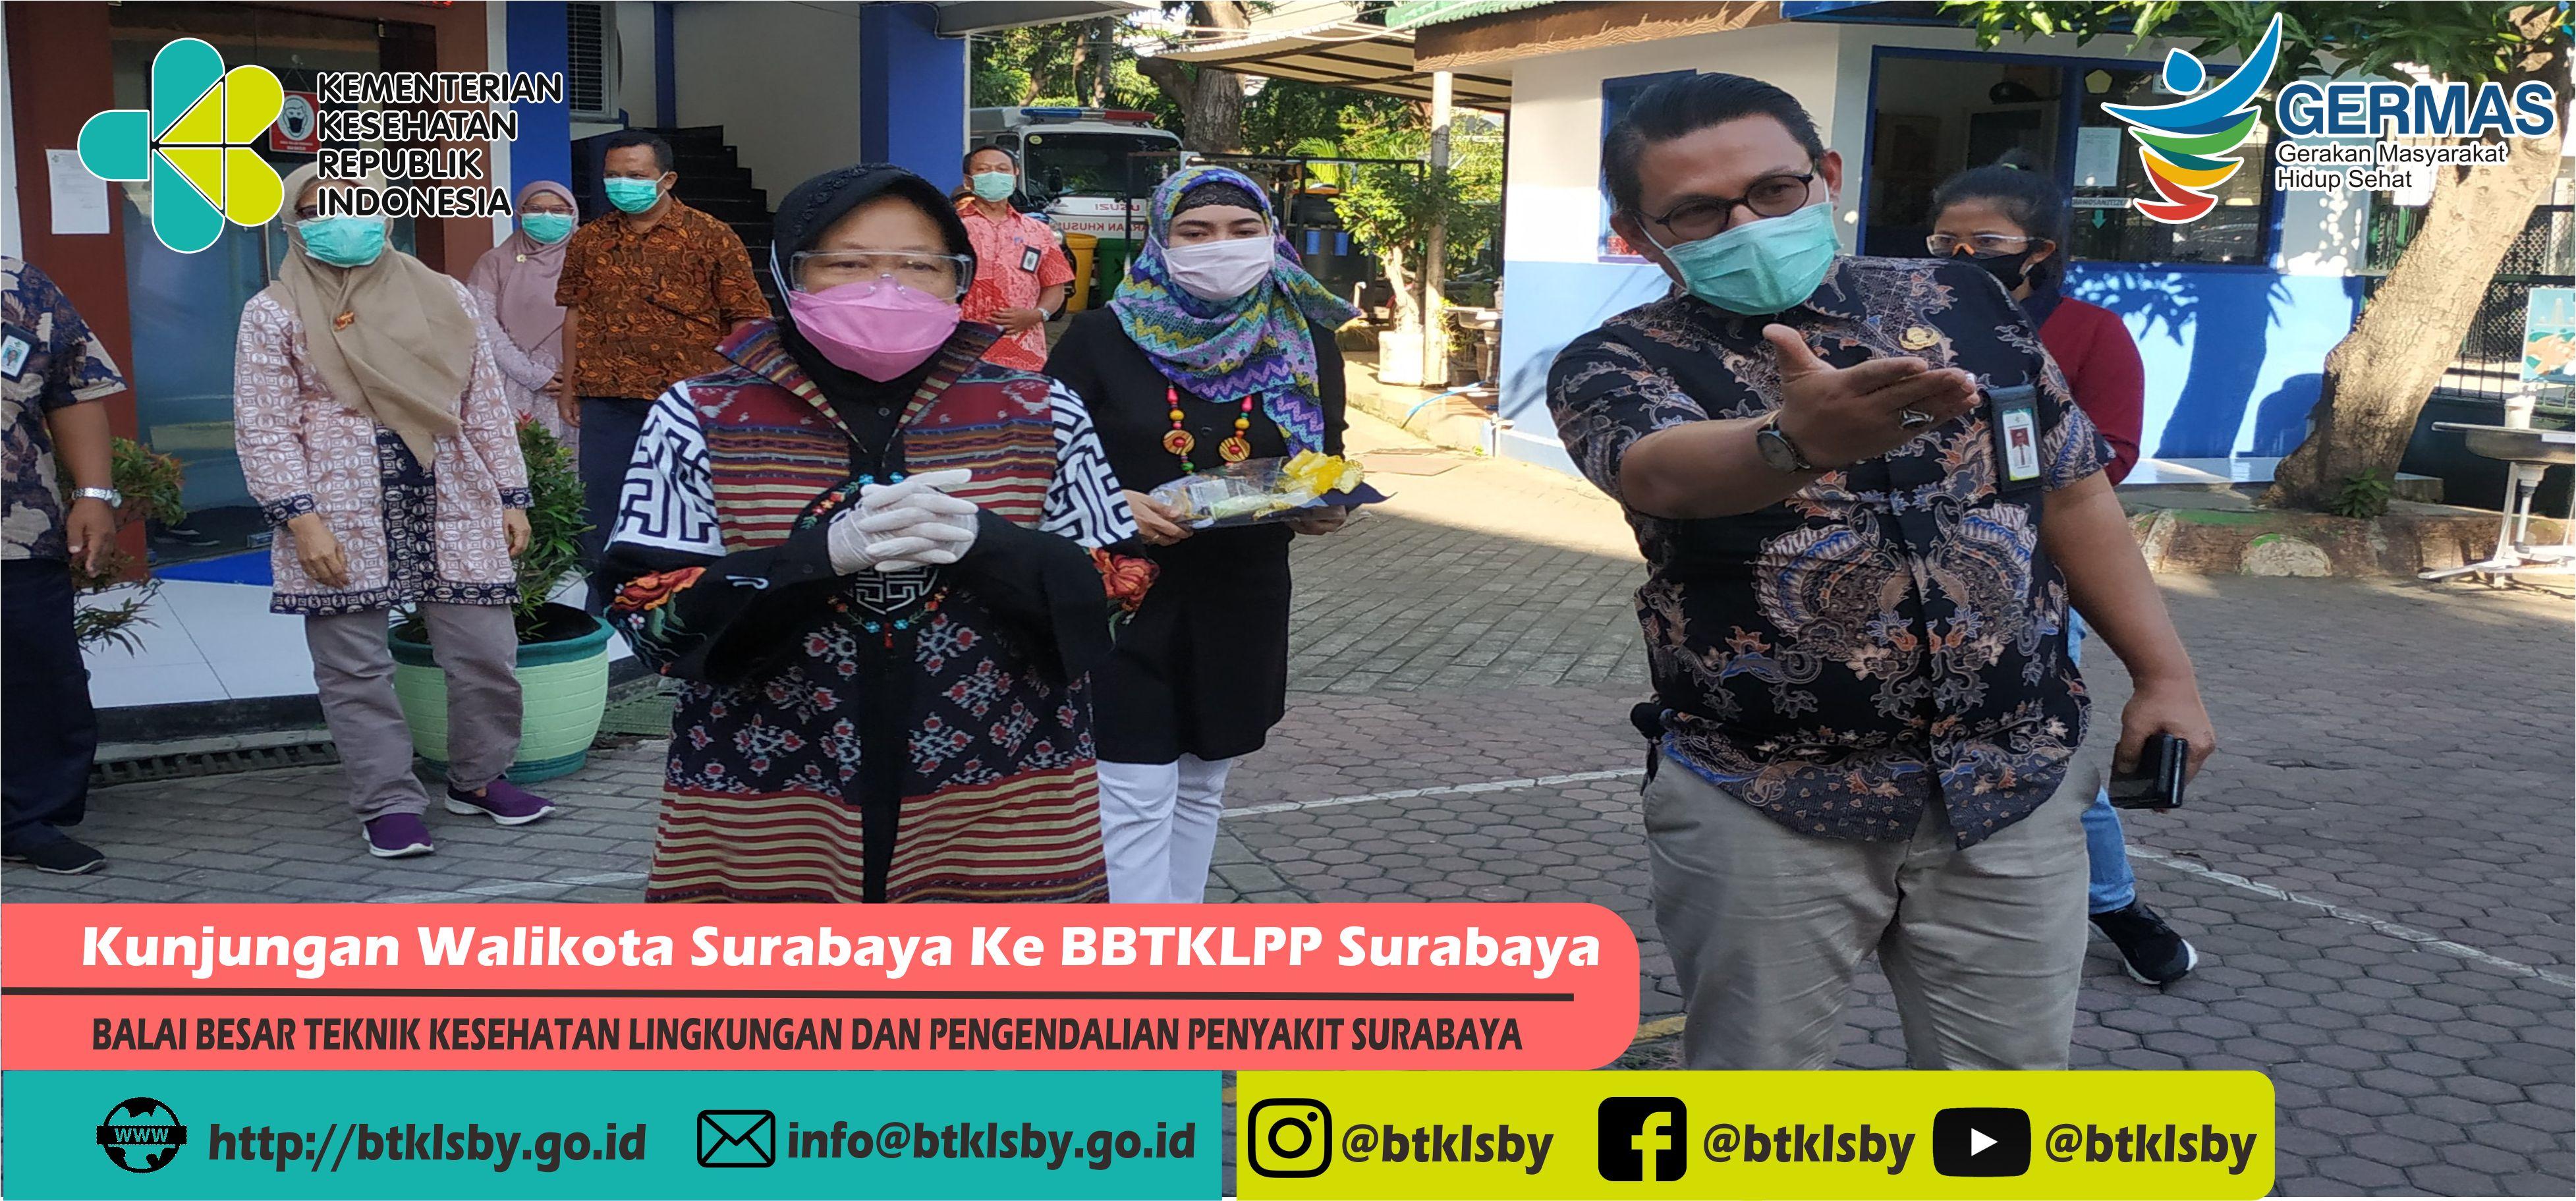 Walikota Surabaya melakukan kunjungan ke BBTKLPP Surabaya